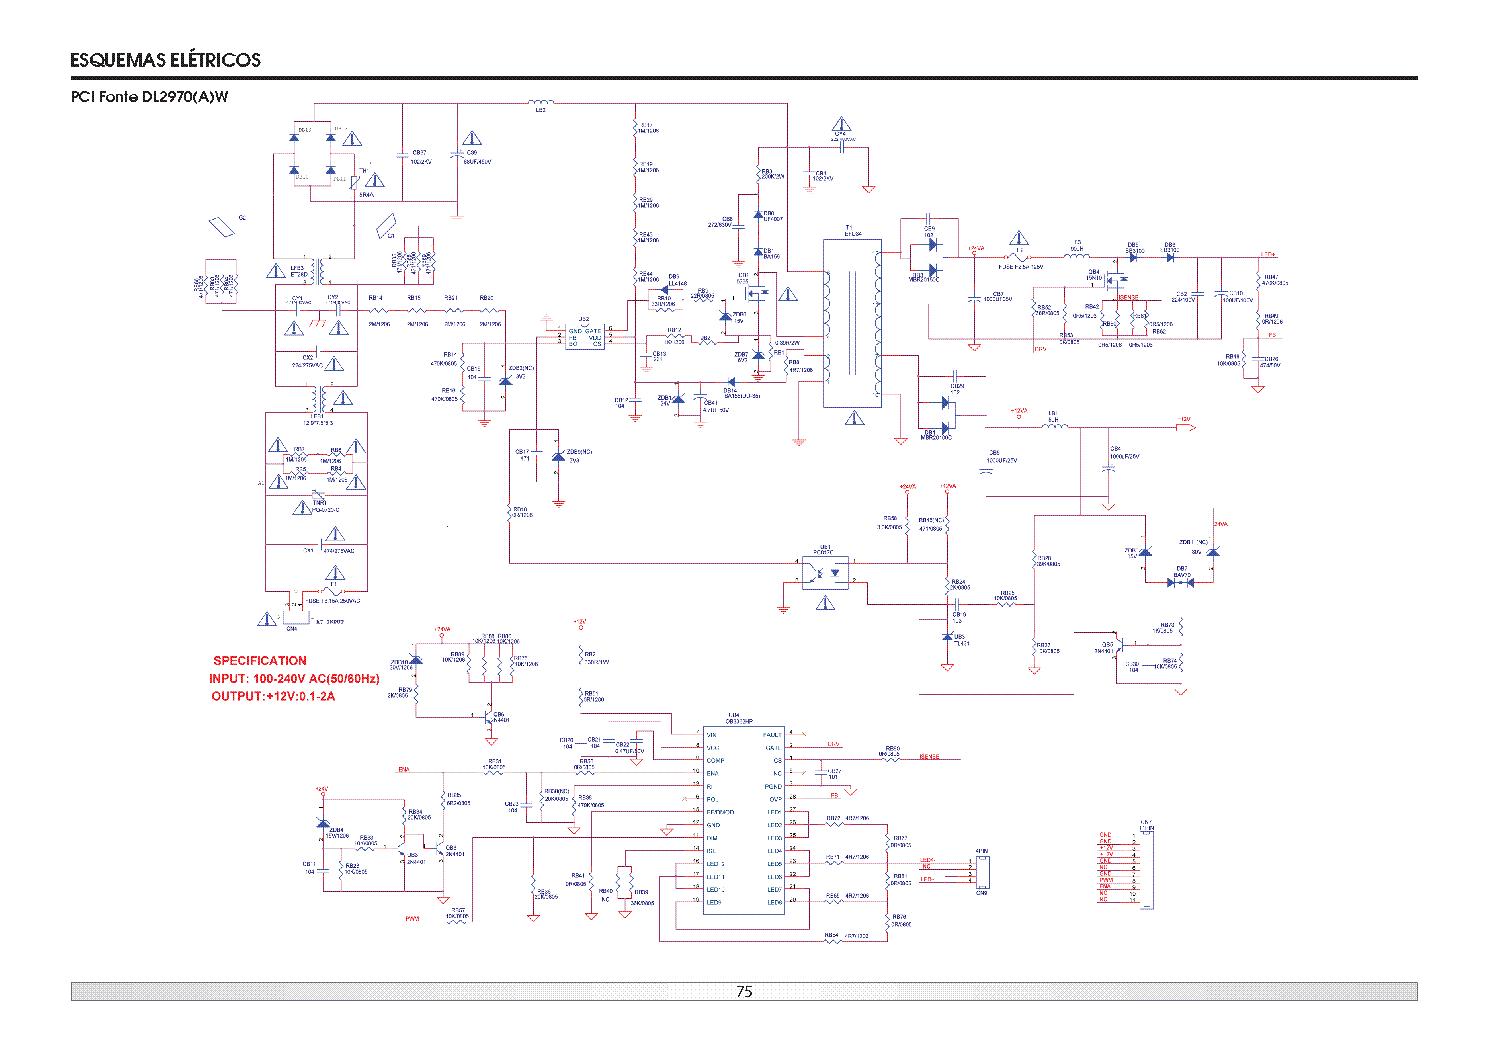 tv schematic wiring diagramtv kmc model schematic kmc19105 schematic diagramtv schematic circuit diagram wiring schematic diagram toshiba led tv